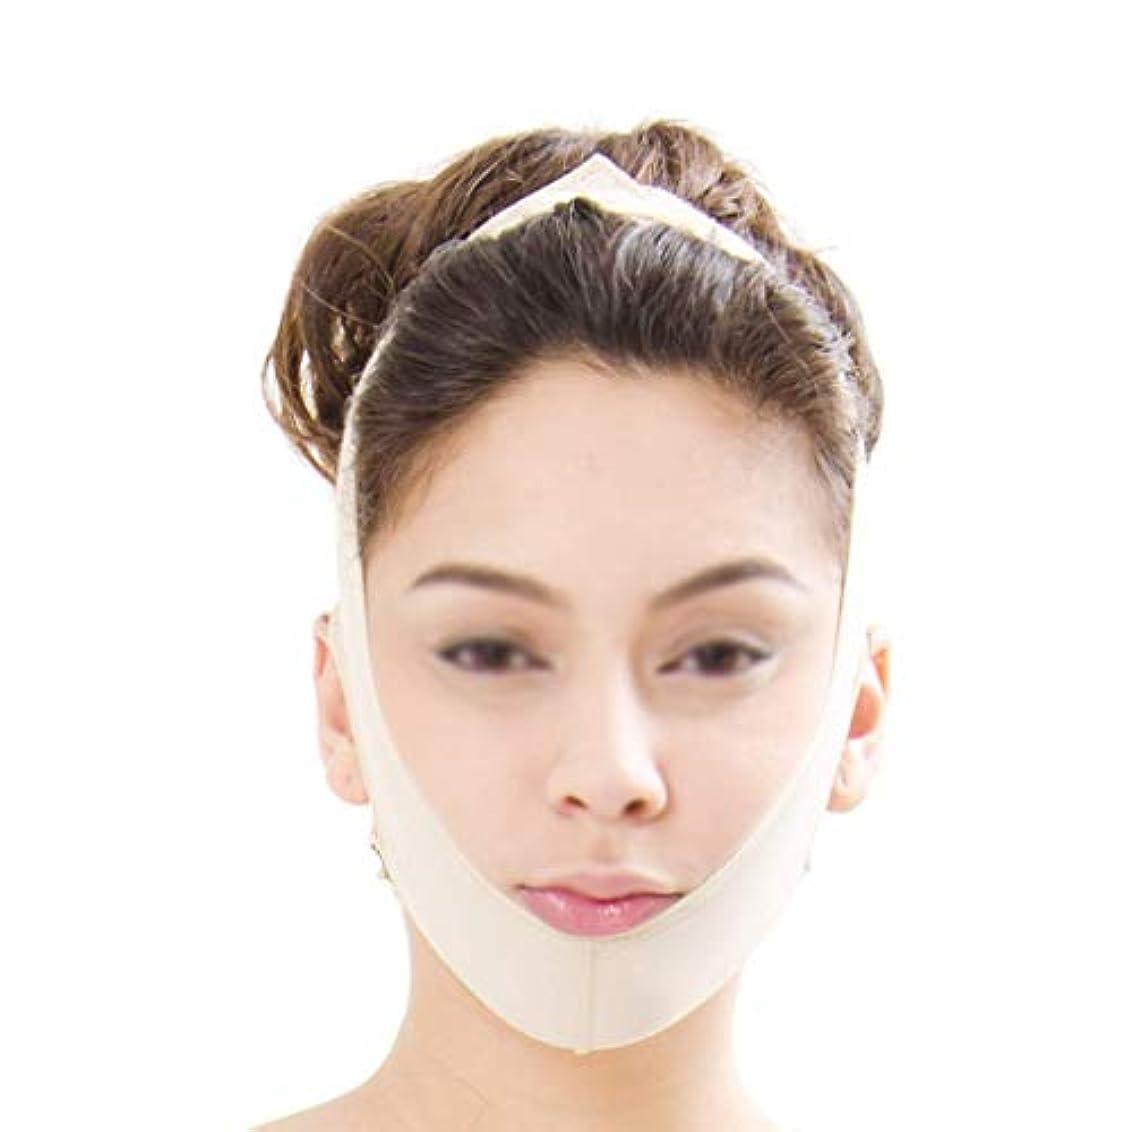 二十尾ショルダーフェイススリミングバンデージ、フェイスリフティングマスク、フェイスリフティングバンデージ、フェイシャル減量マスク、ダブルチンケア減量(サイズ:M),M